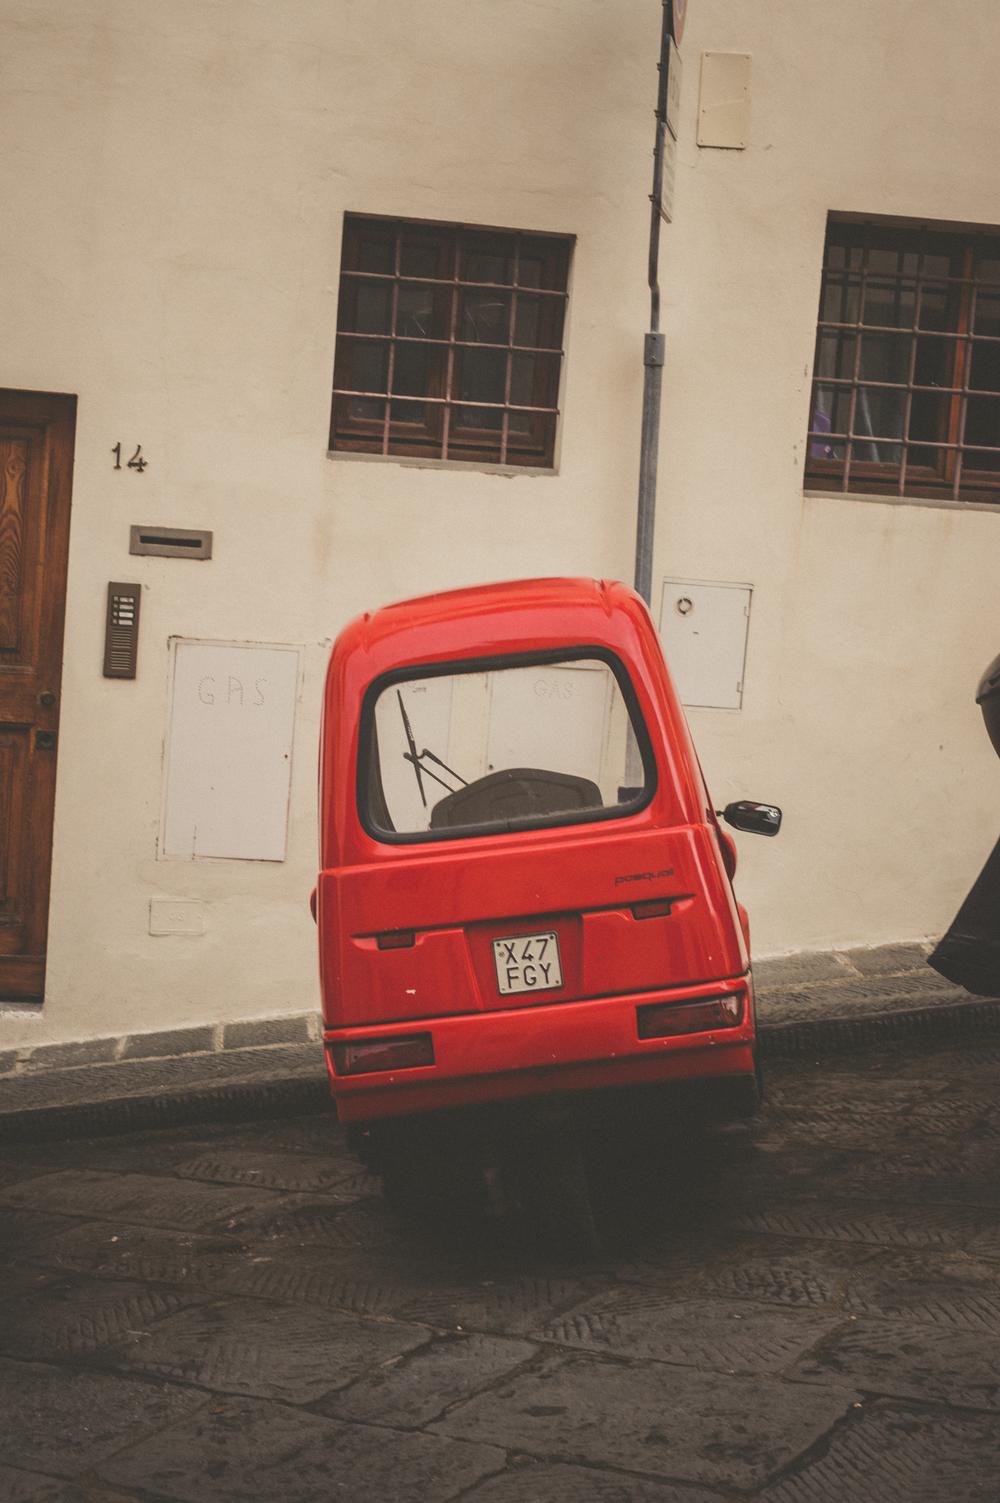 ItalyTrip_OCT_2014__DSC8869.jpg